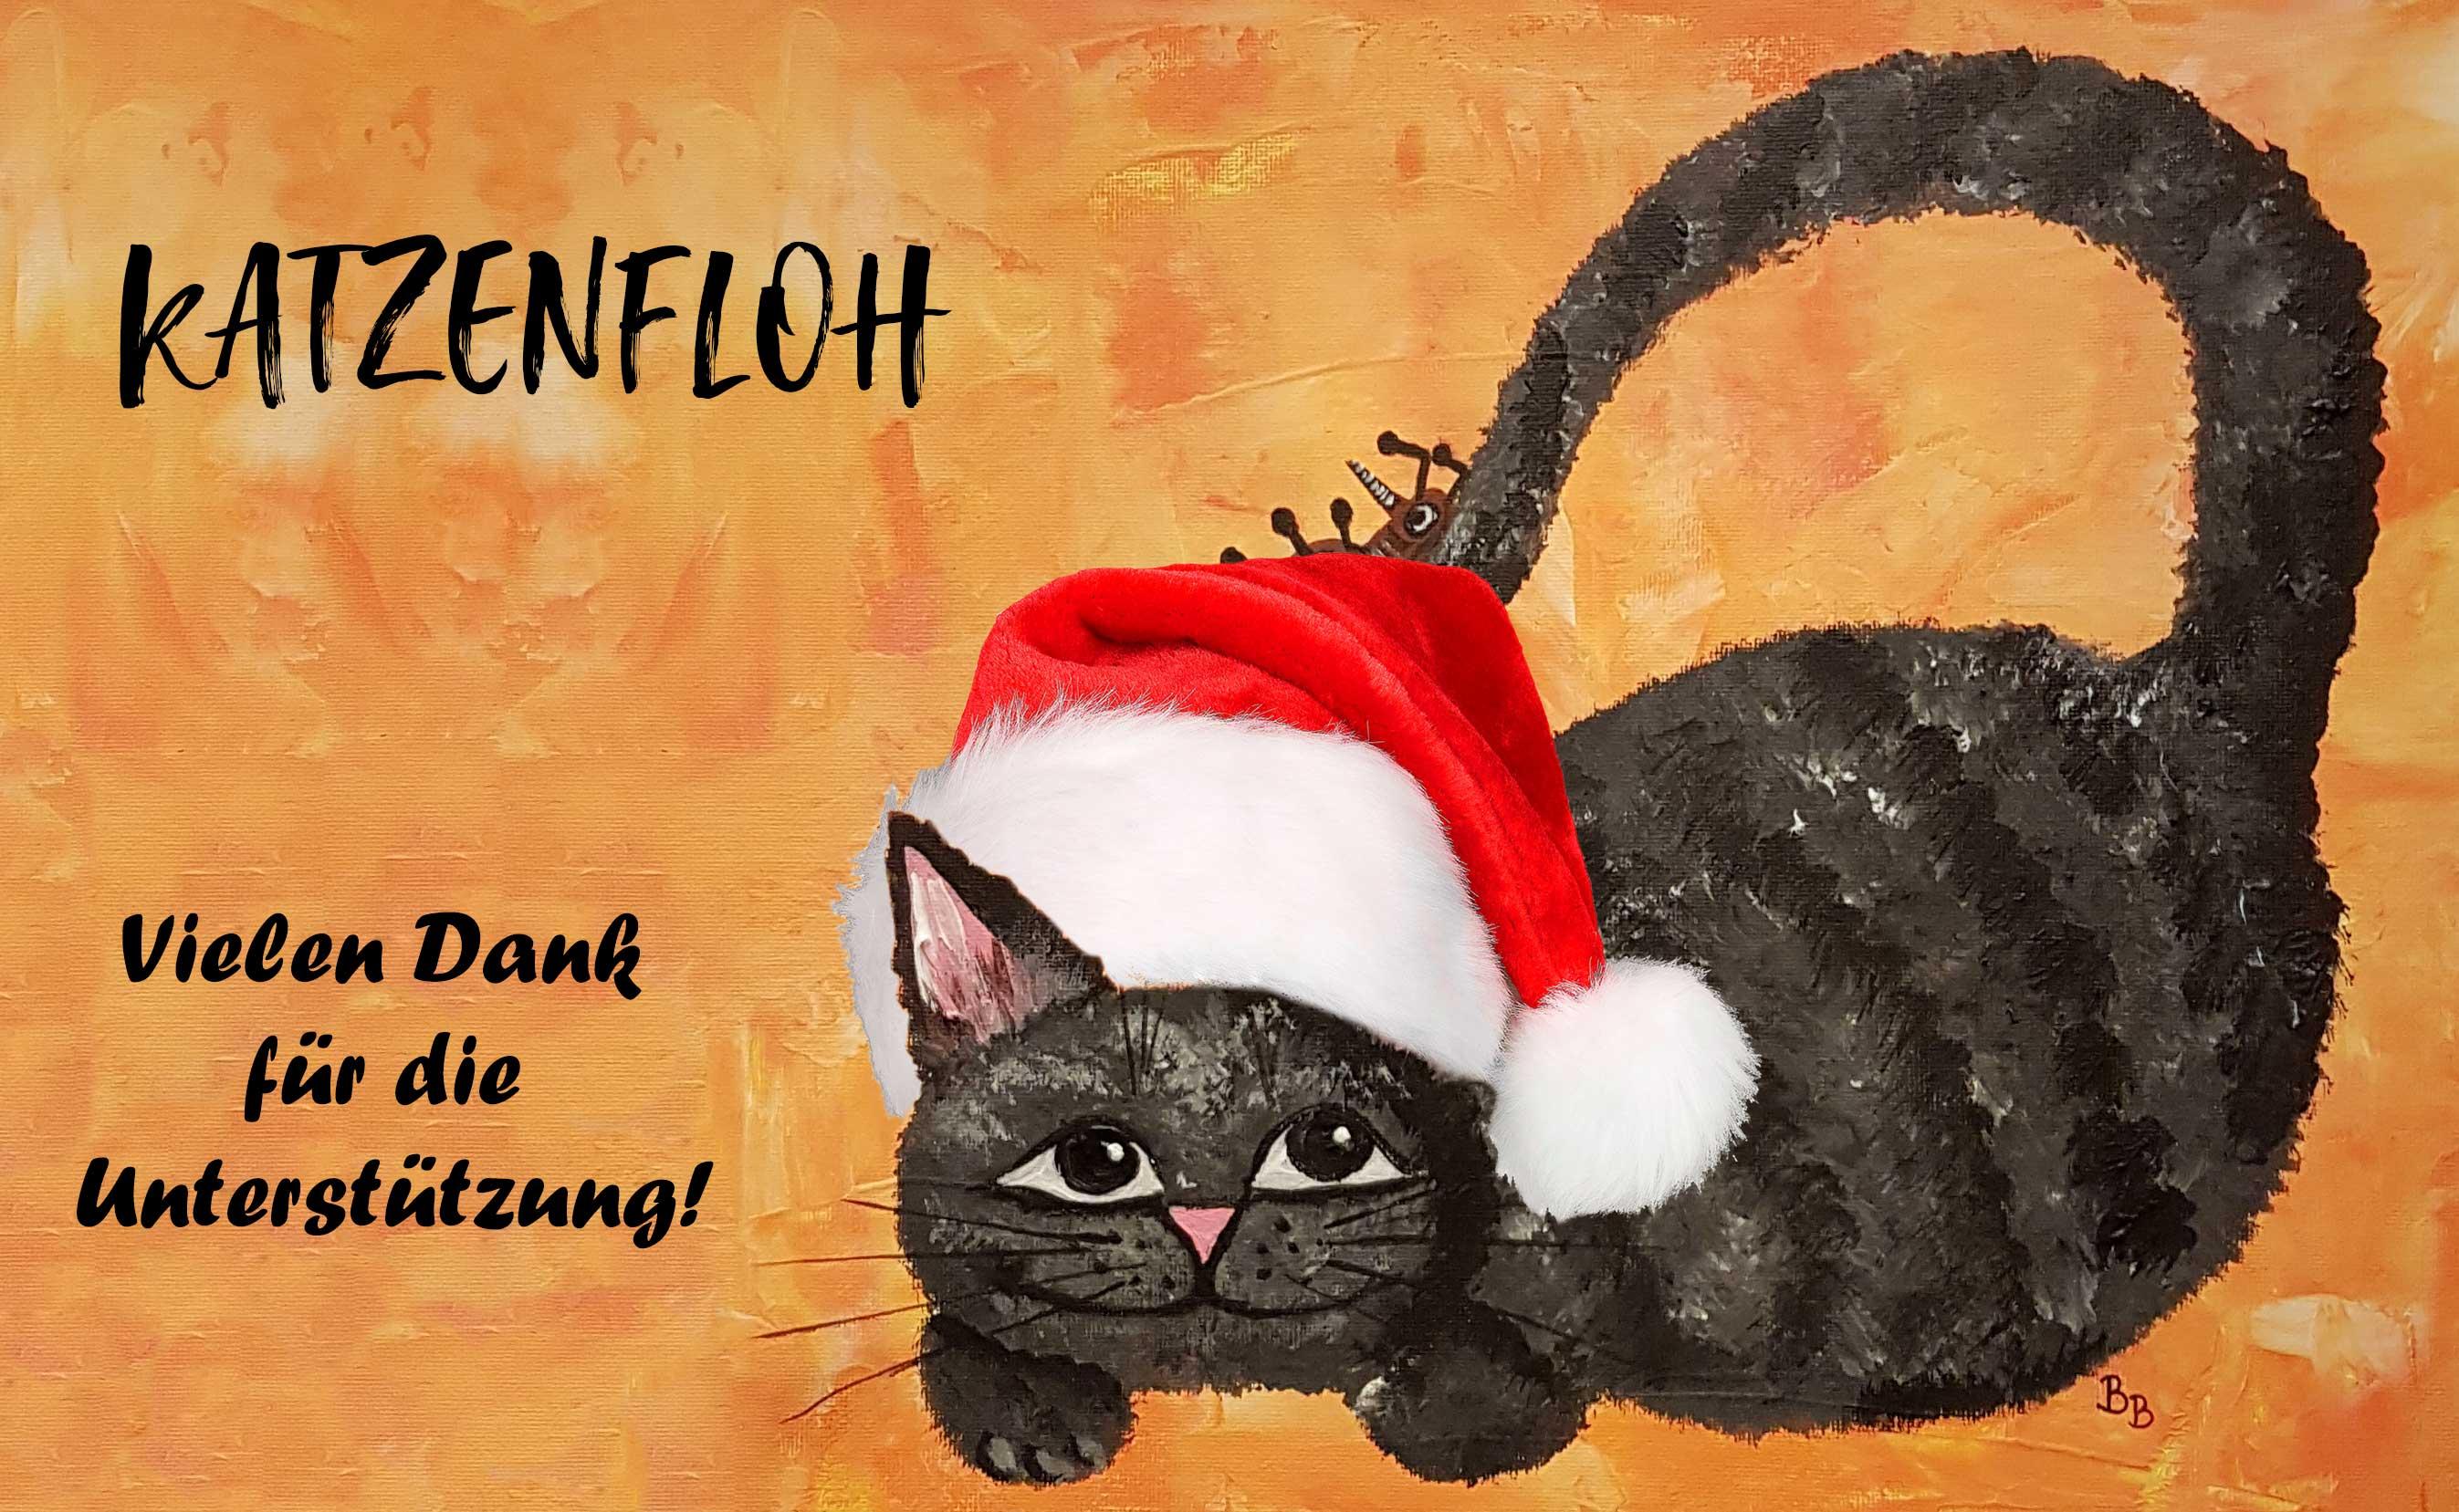 Tierschutzverein - Katzenfloh